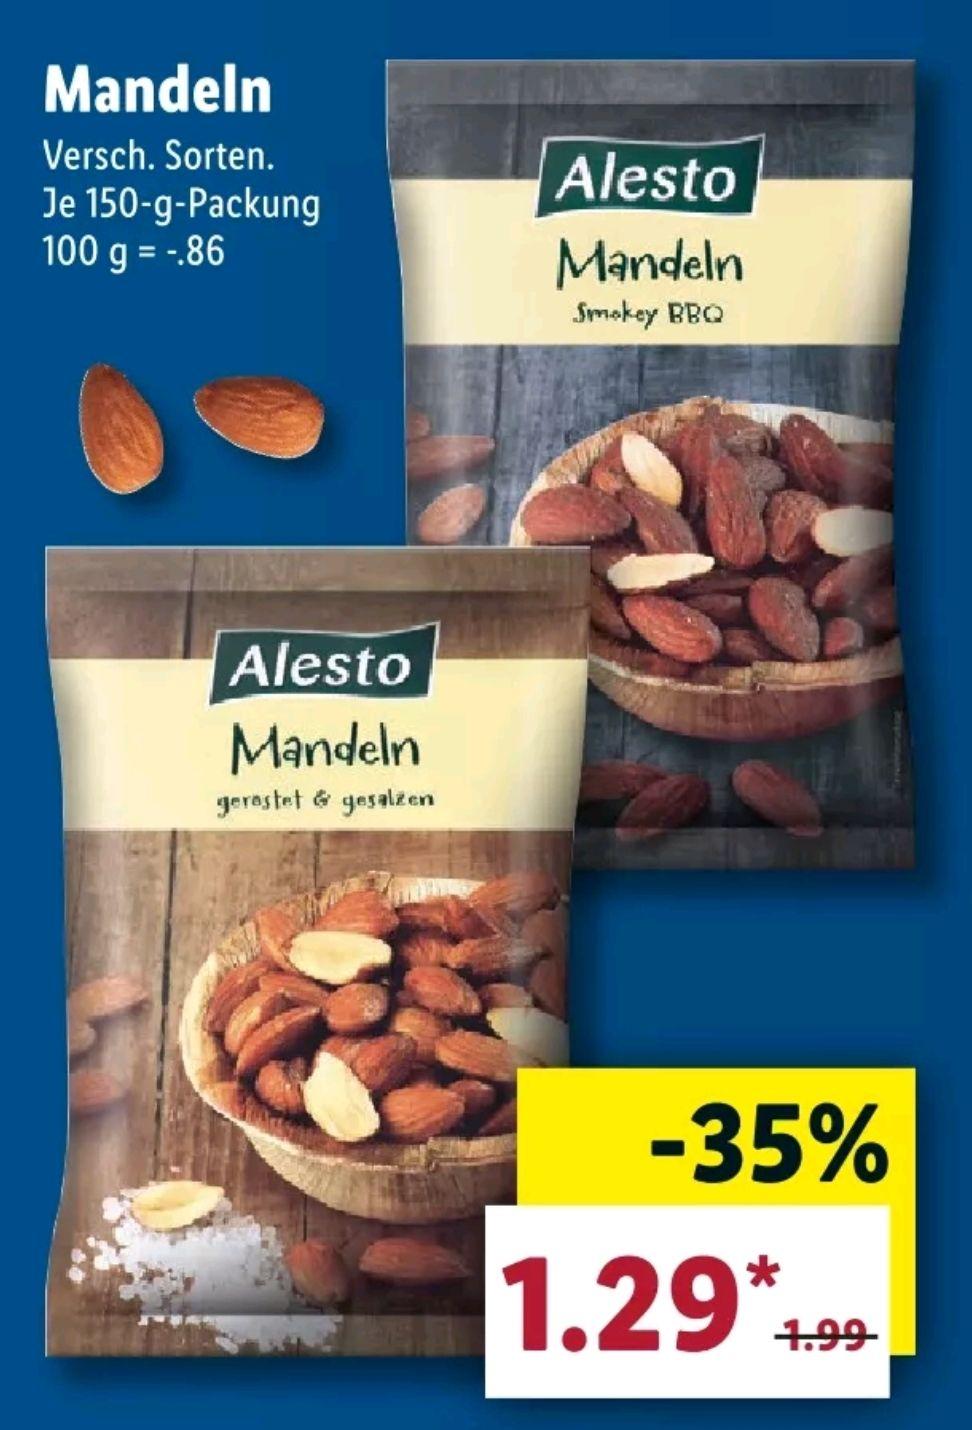 [Lidl] Ab 14.3 Alesto Mandeln 150g Packung für 1.29€ & Walnüsse 200g für 1.69€